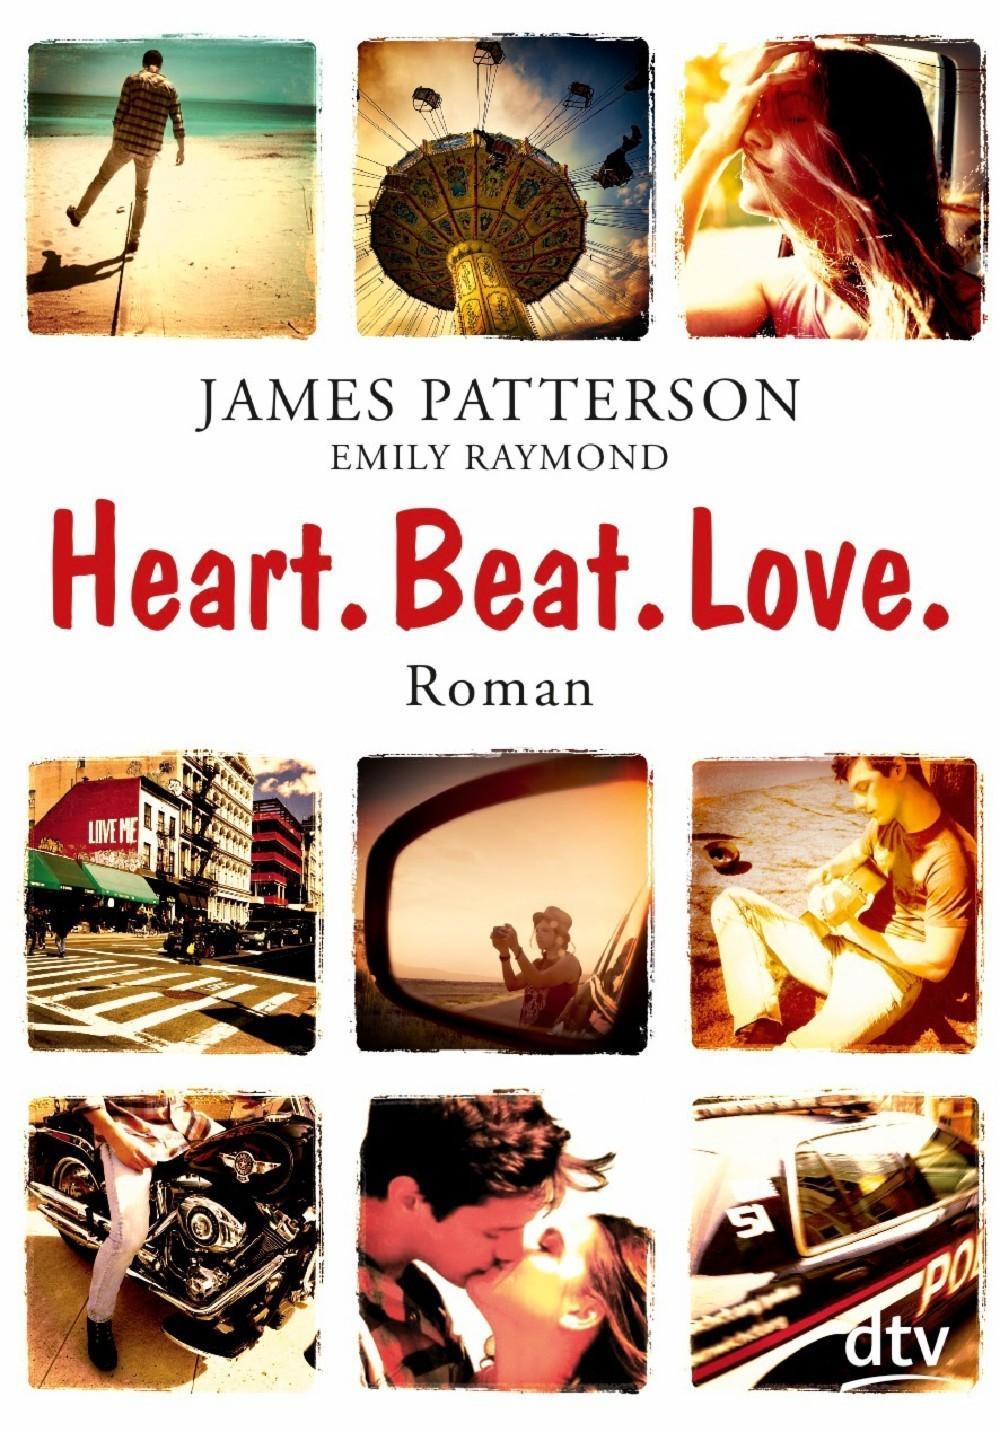 Heart.-Beat.-Love.-James-Patterson-Emily-Raymond-dtv-Verlag-Cover